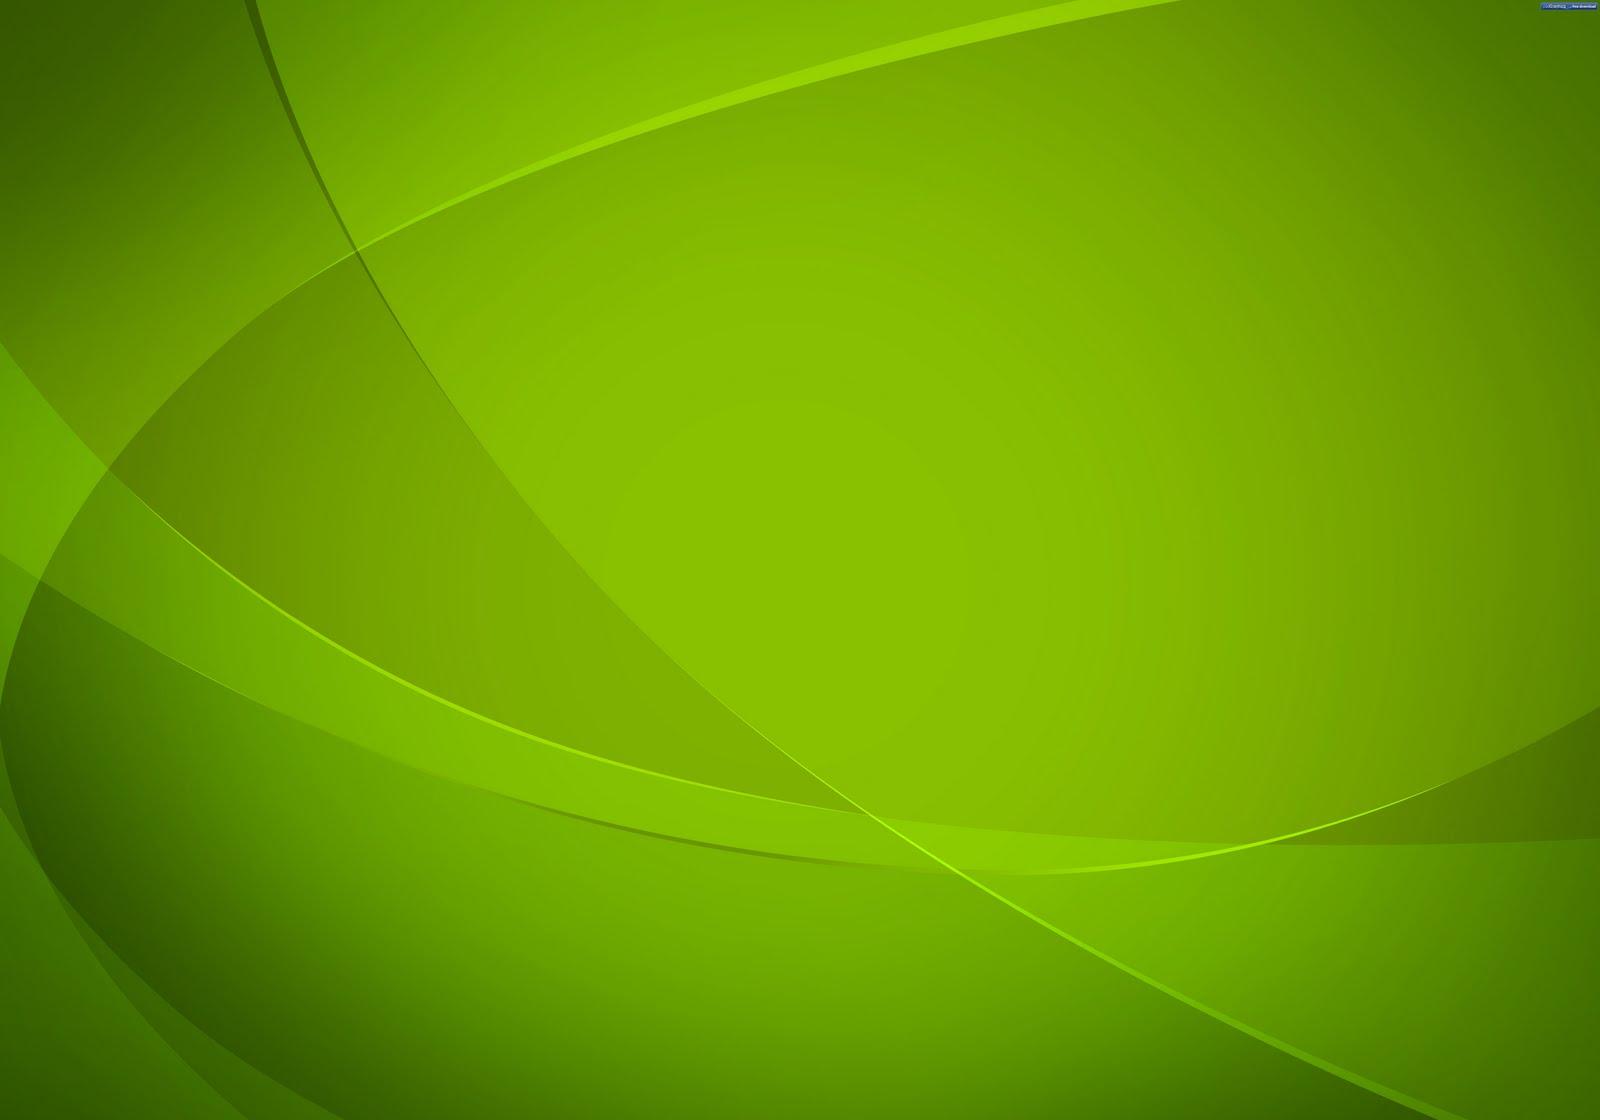 http://1.bp.blogspot.com/_zi4XP0MHeOg/S97vewq94QI/AAAAAAAAAAM/kYyiUtDSDB8/s1600/green-abstract-background.jpg